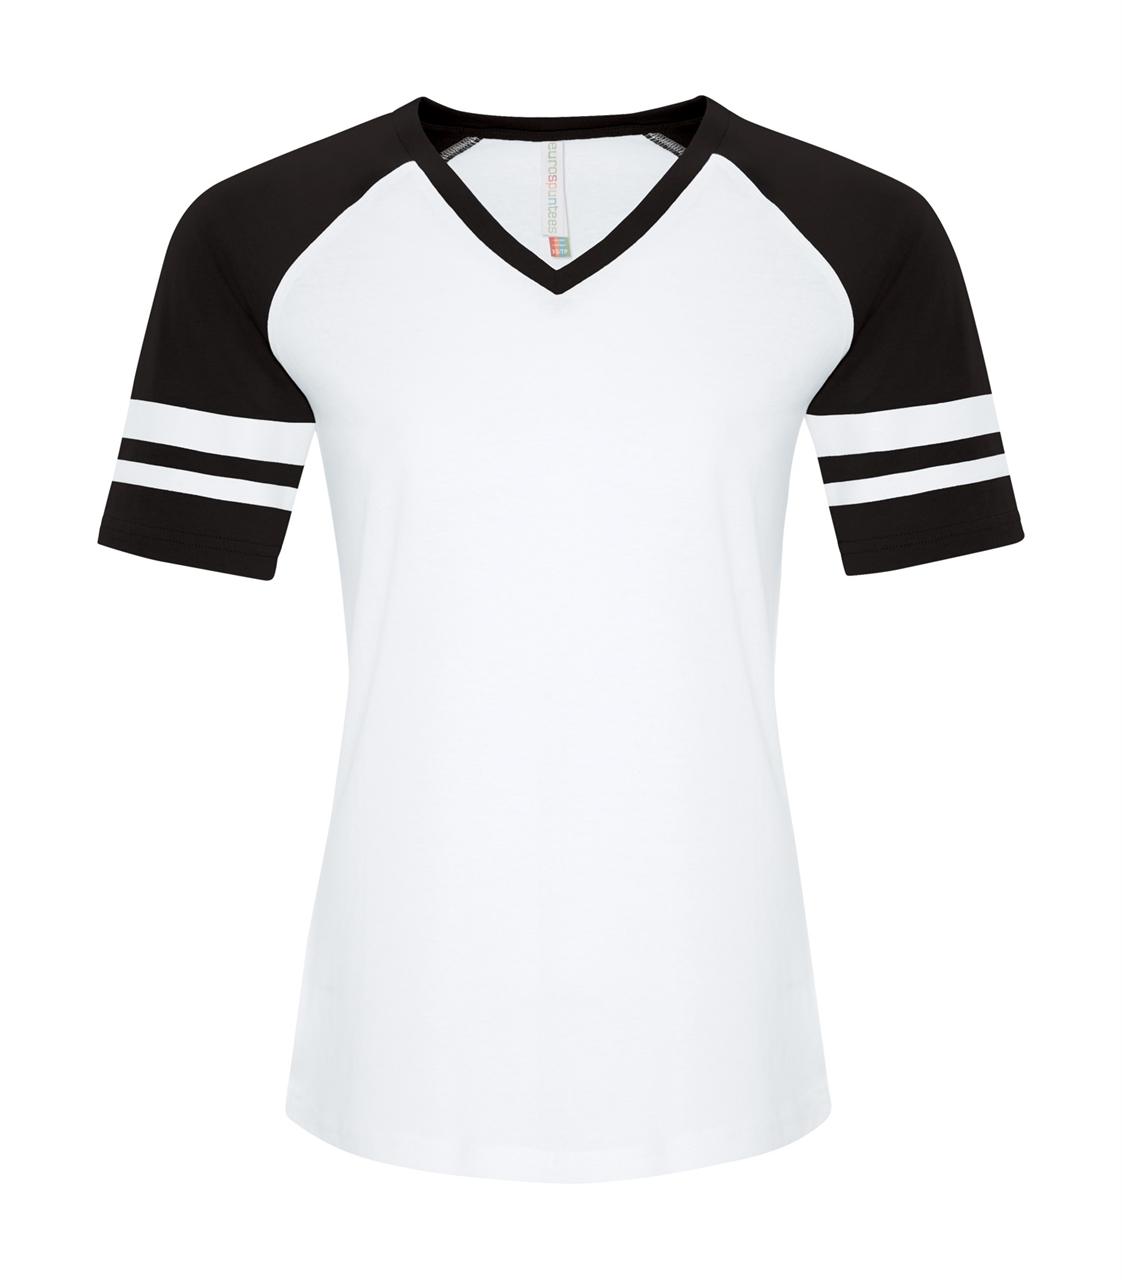 Picture of ATC Ring Spun Ladies' Baseball Tee